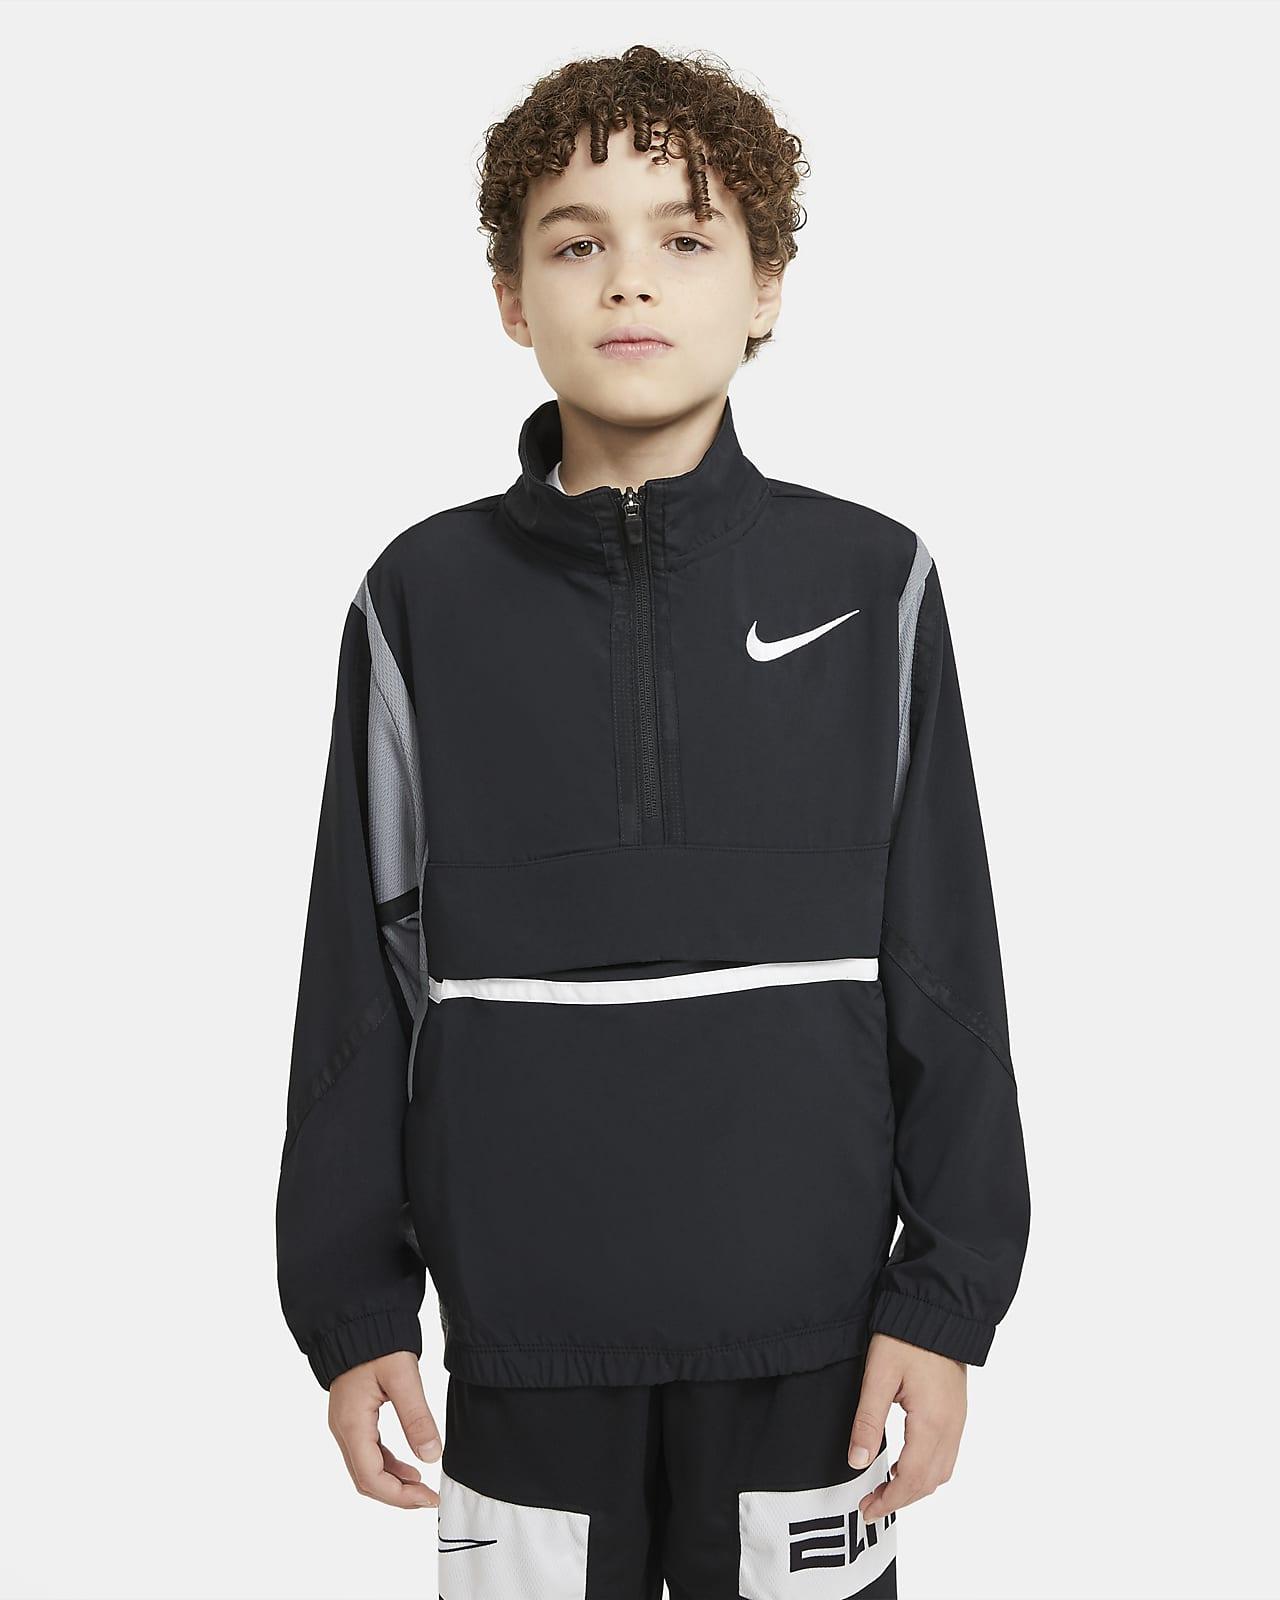 Basketbalová bunda Nike Crossover provětší děti (chlapce)